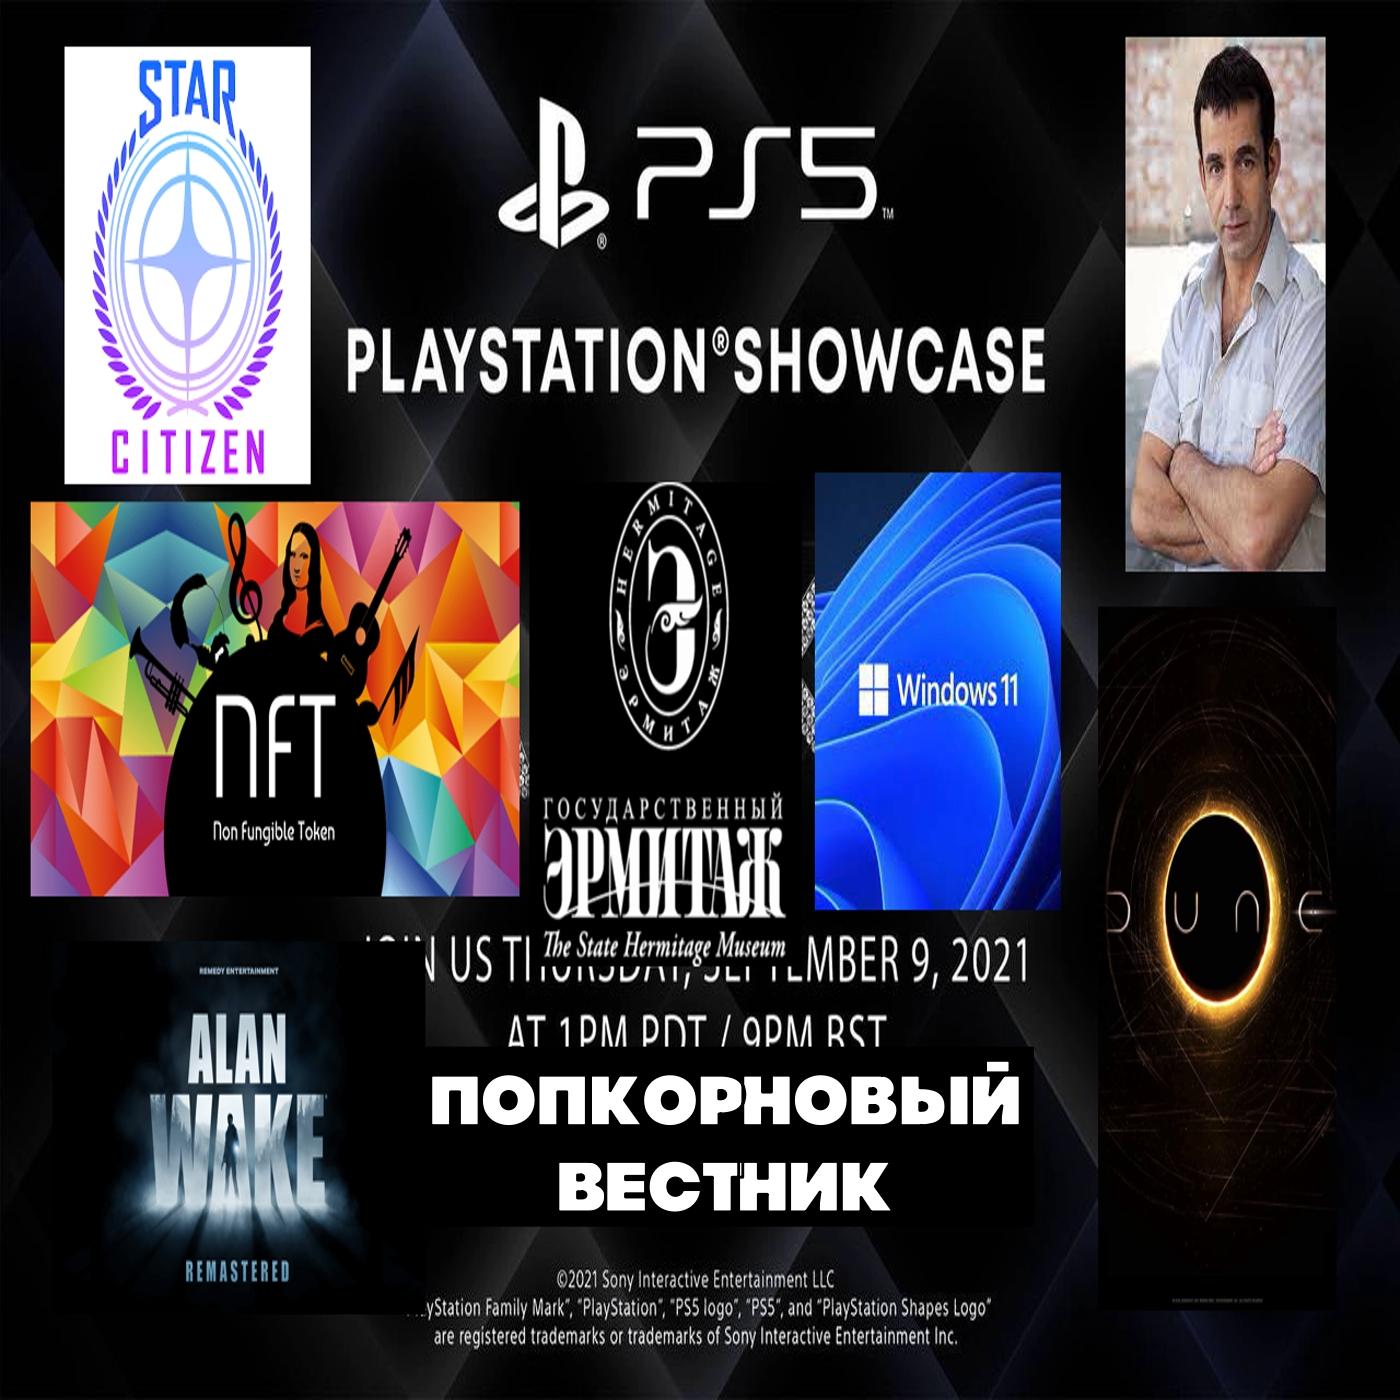 PlayStation, NFT, Alan Wake, Windows 11, цензура в культуре, дюна - Попкорновый вестник